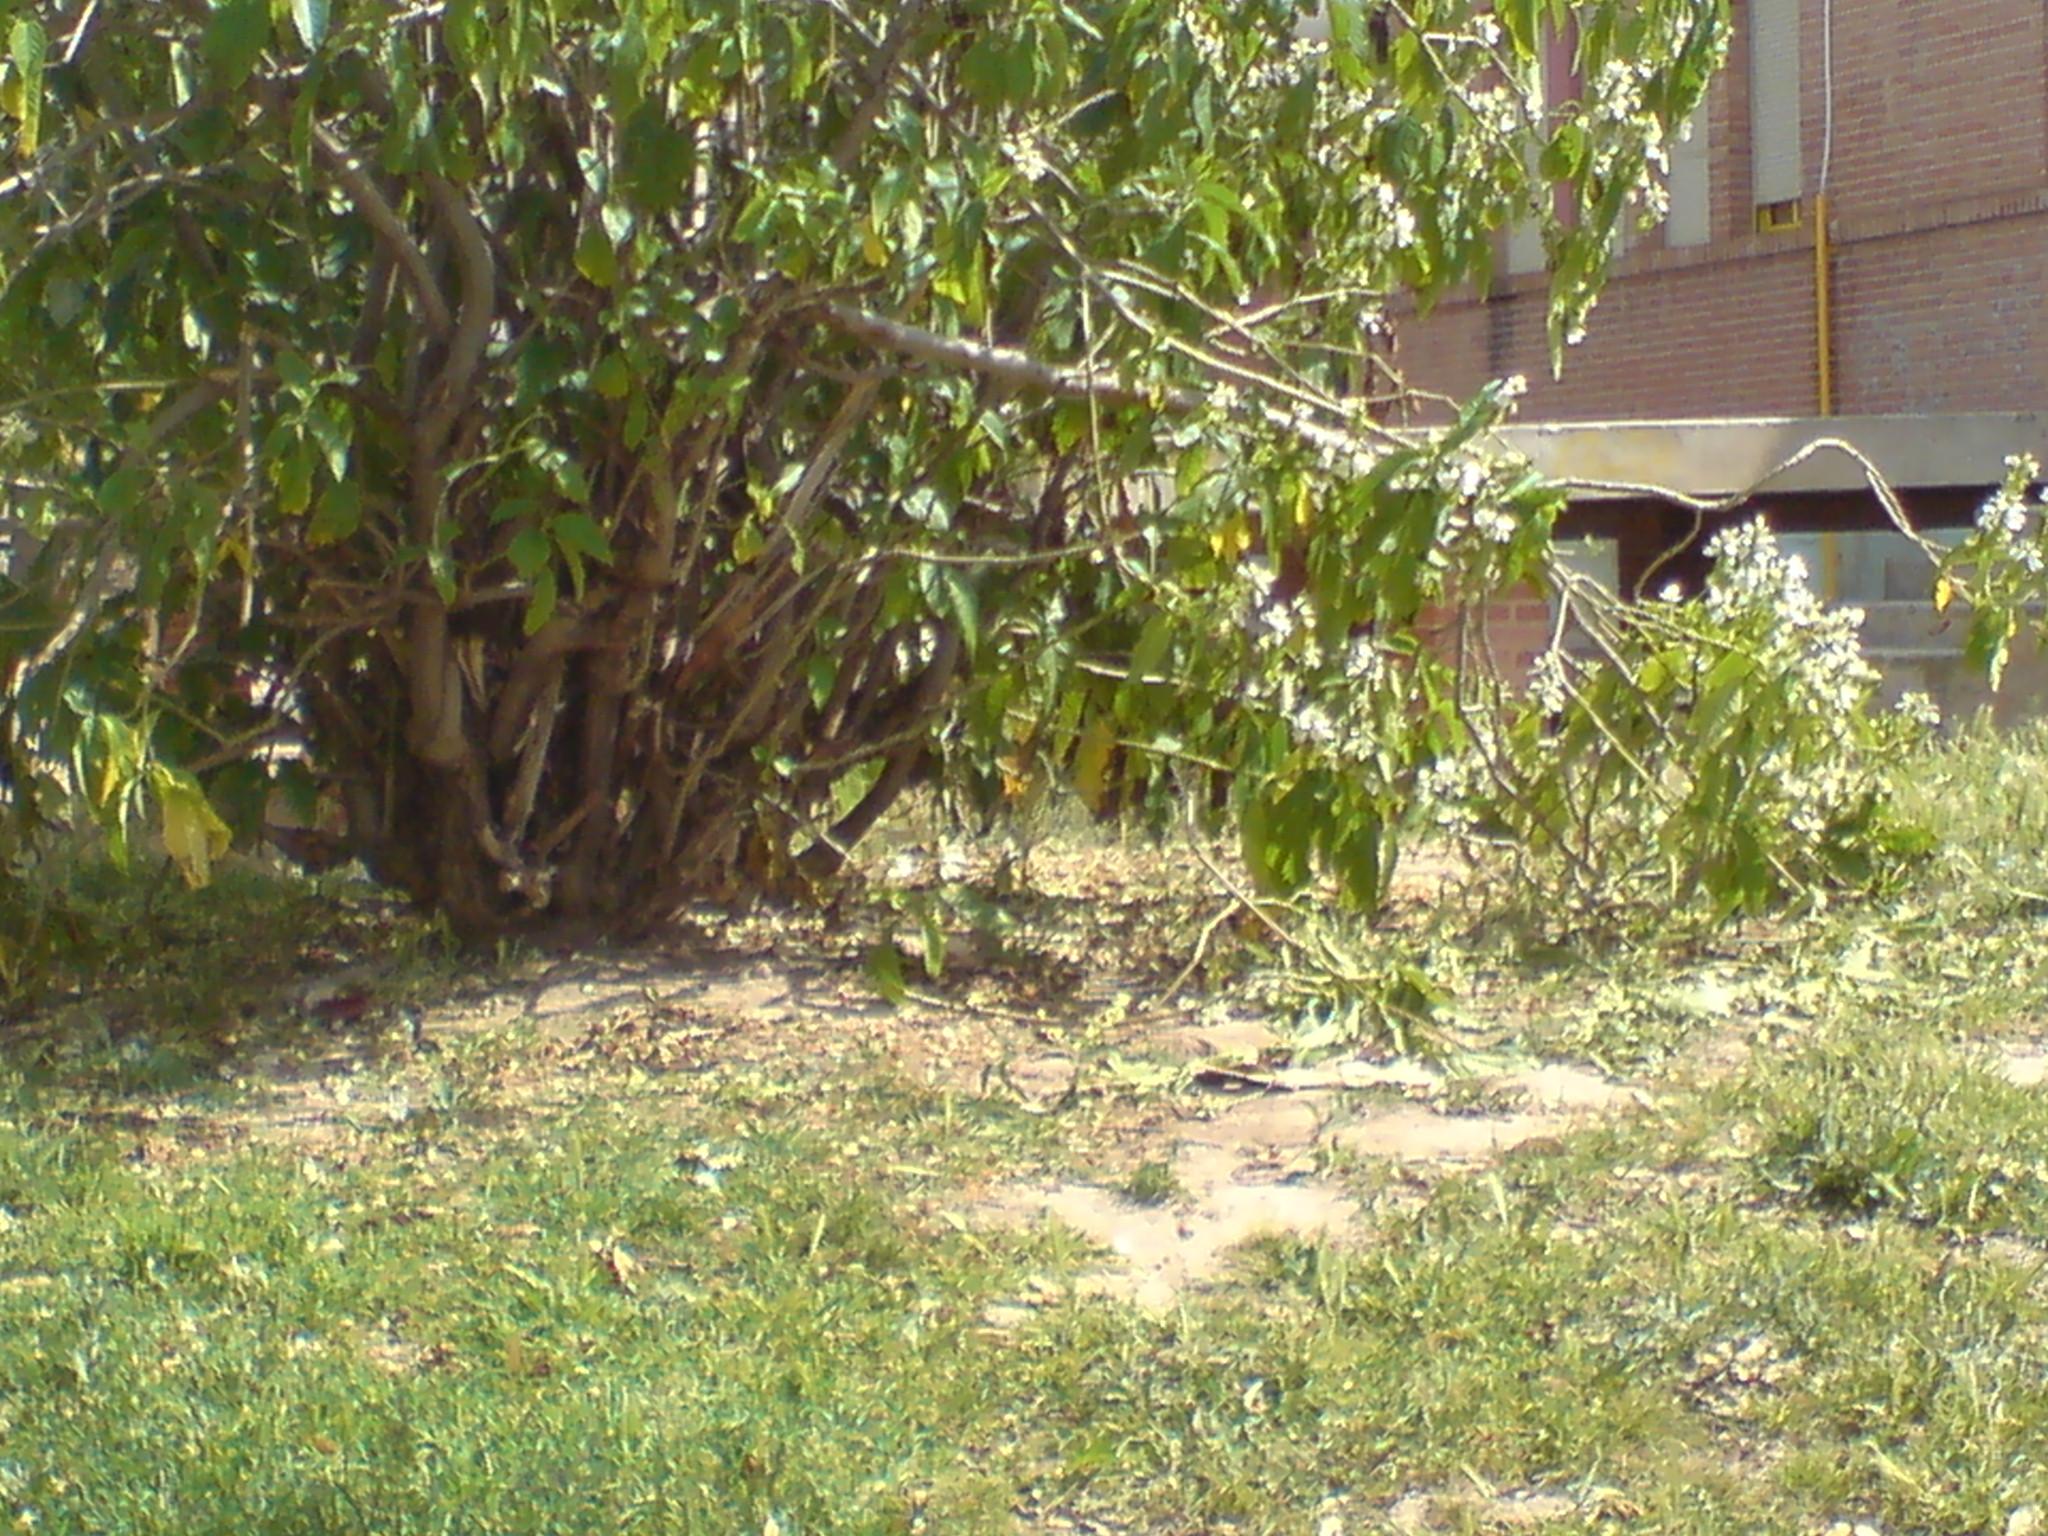 Arbustos sin cuidados en jard n malaspina de el bojar for Arbustos en jardines